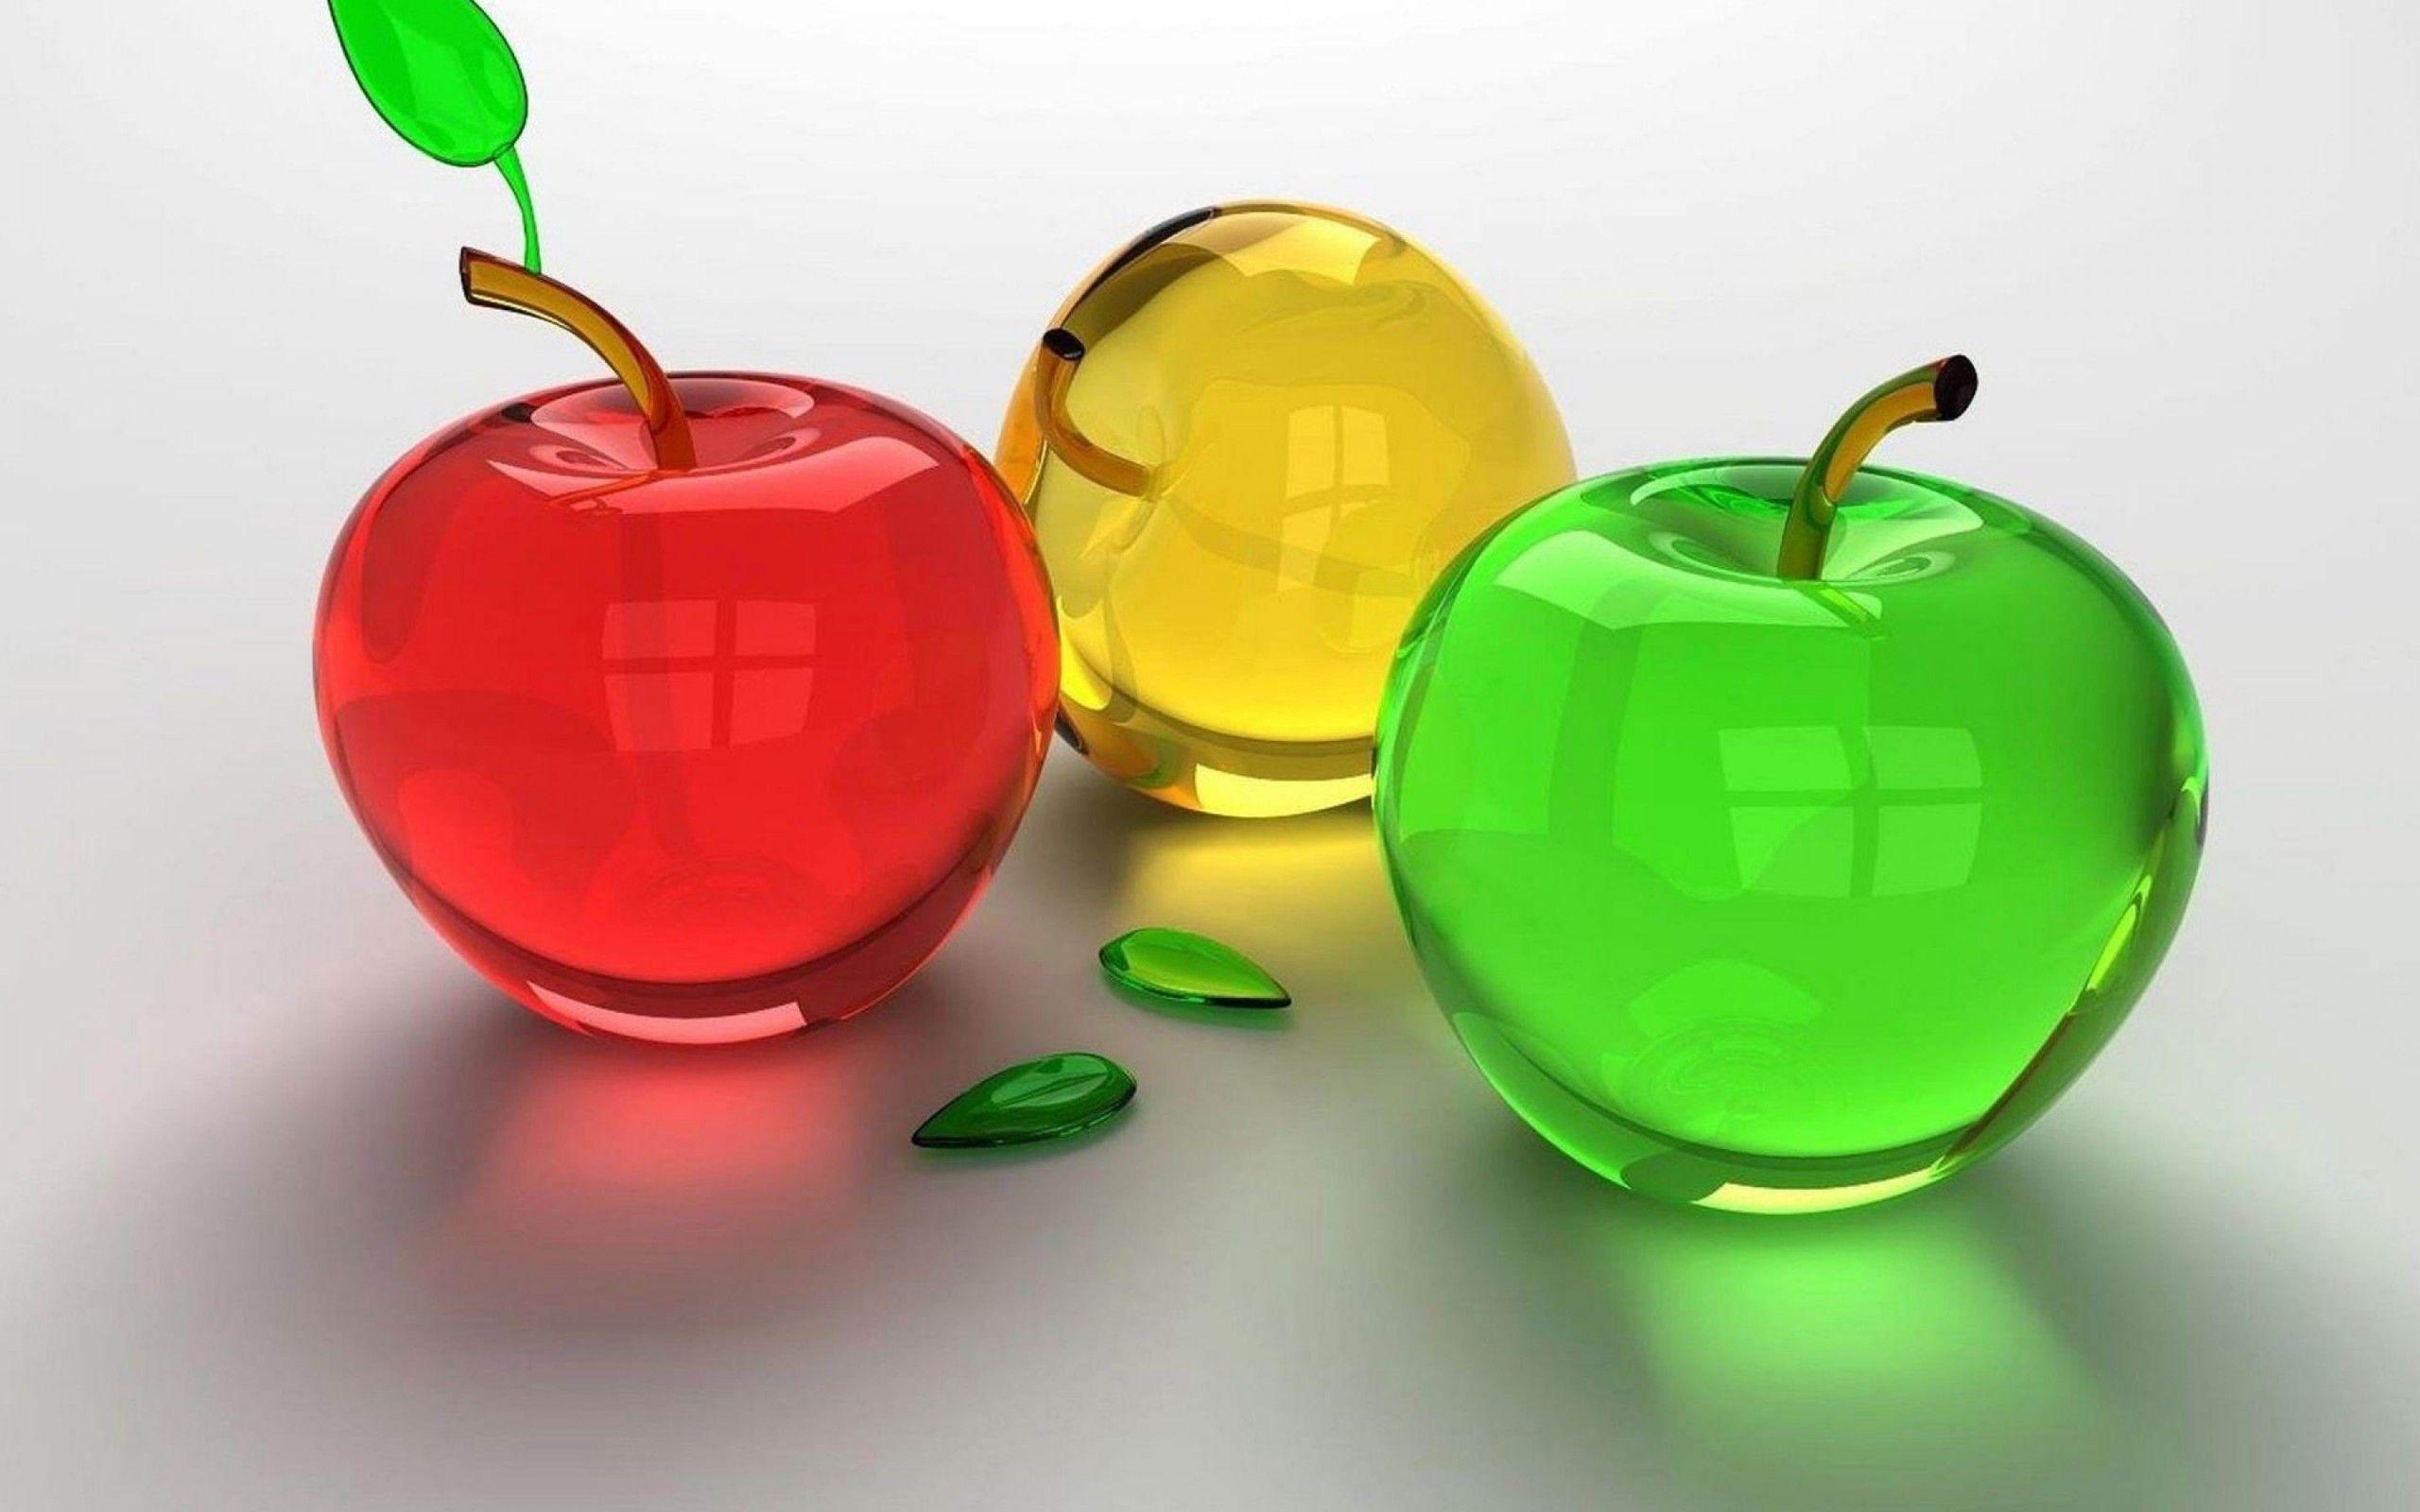 3d wallpaper apple - Buscar con Google